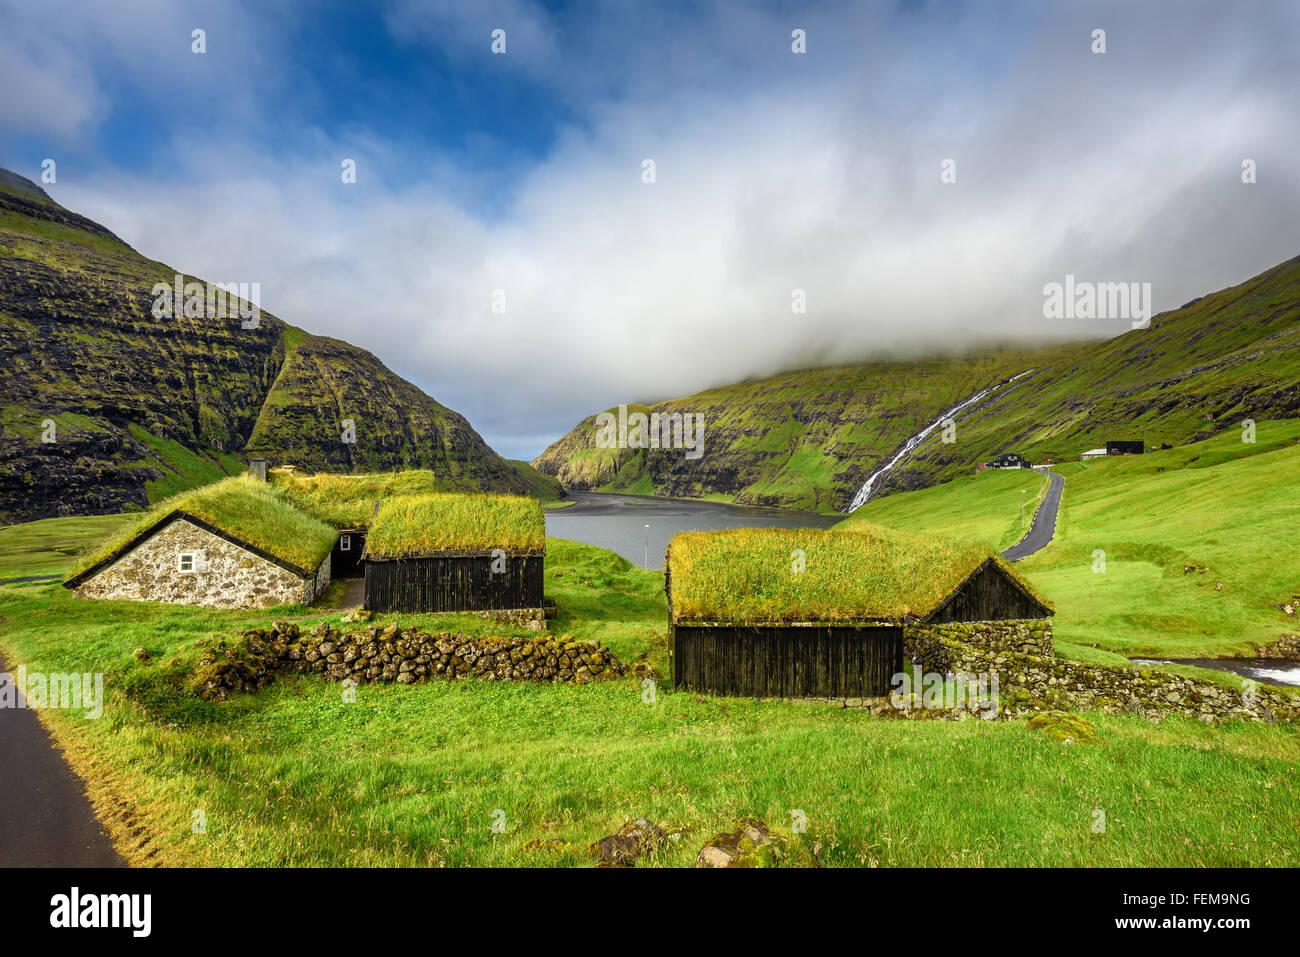 Dorf von Saksun befindet sich auf der Insel Streymoy, Färöer-Inseln, Dänemark Stockbild